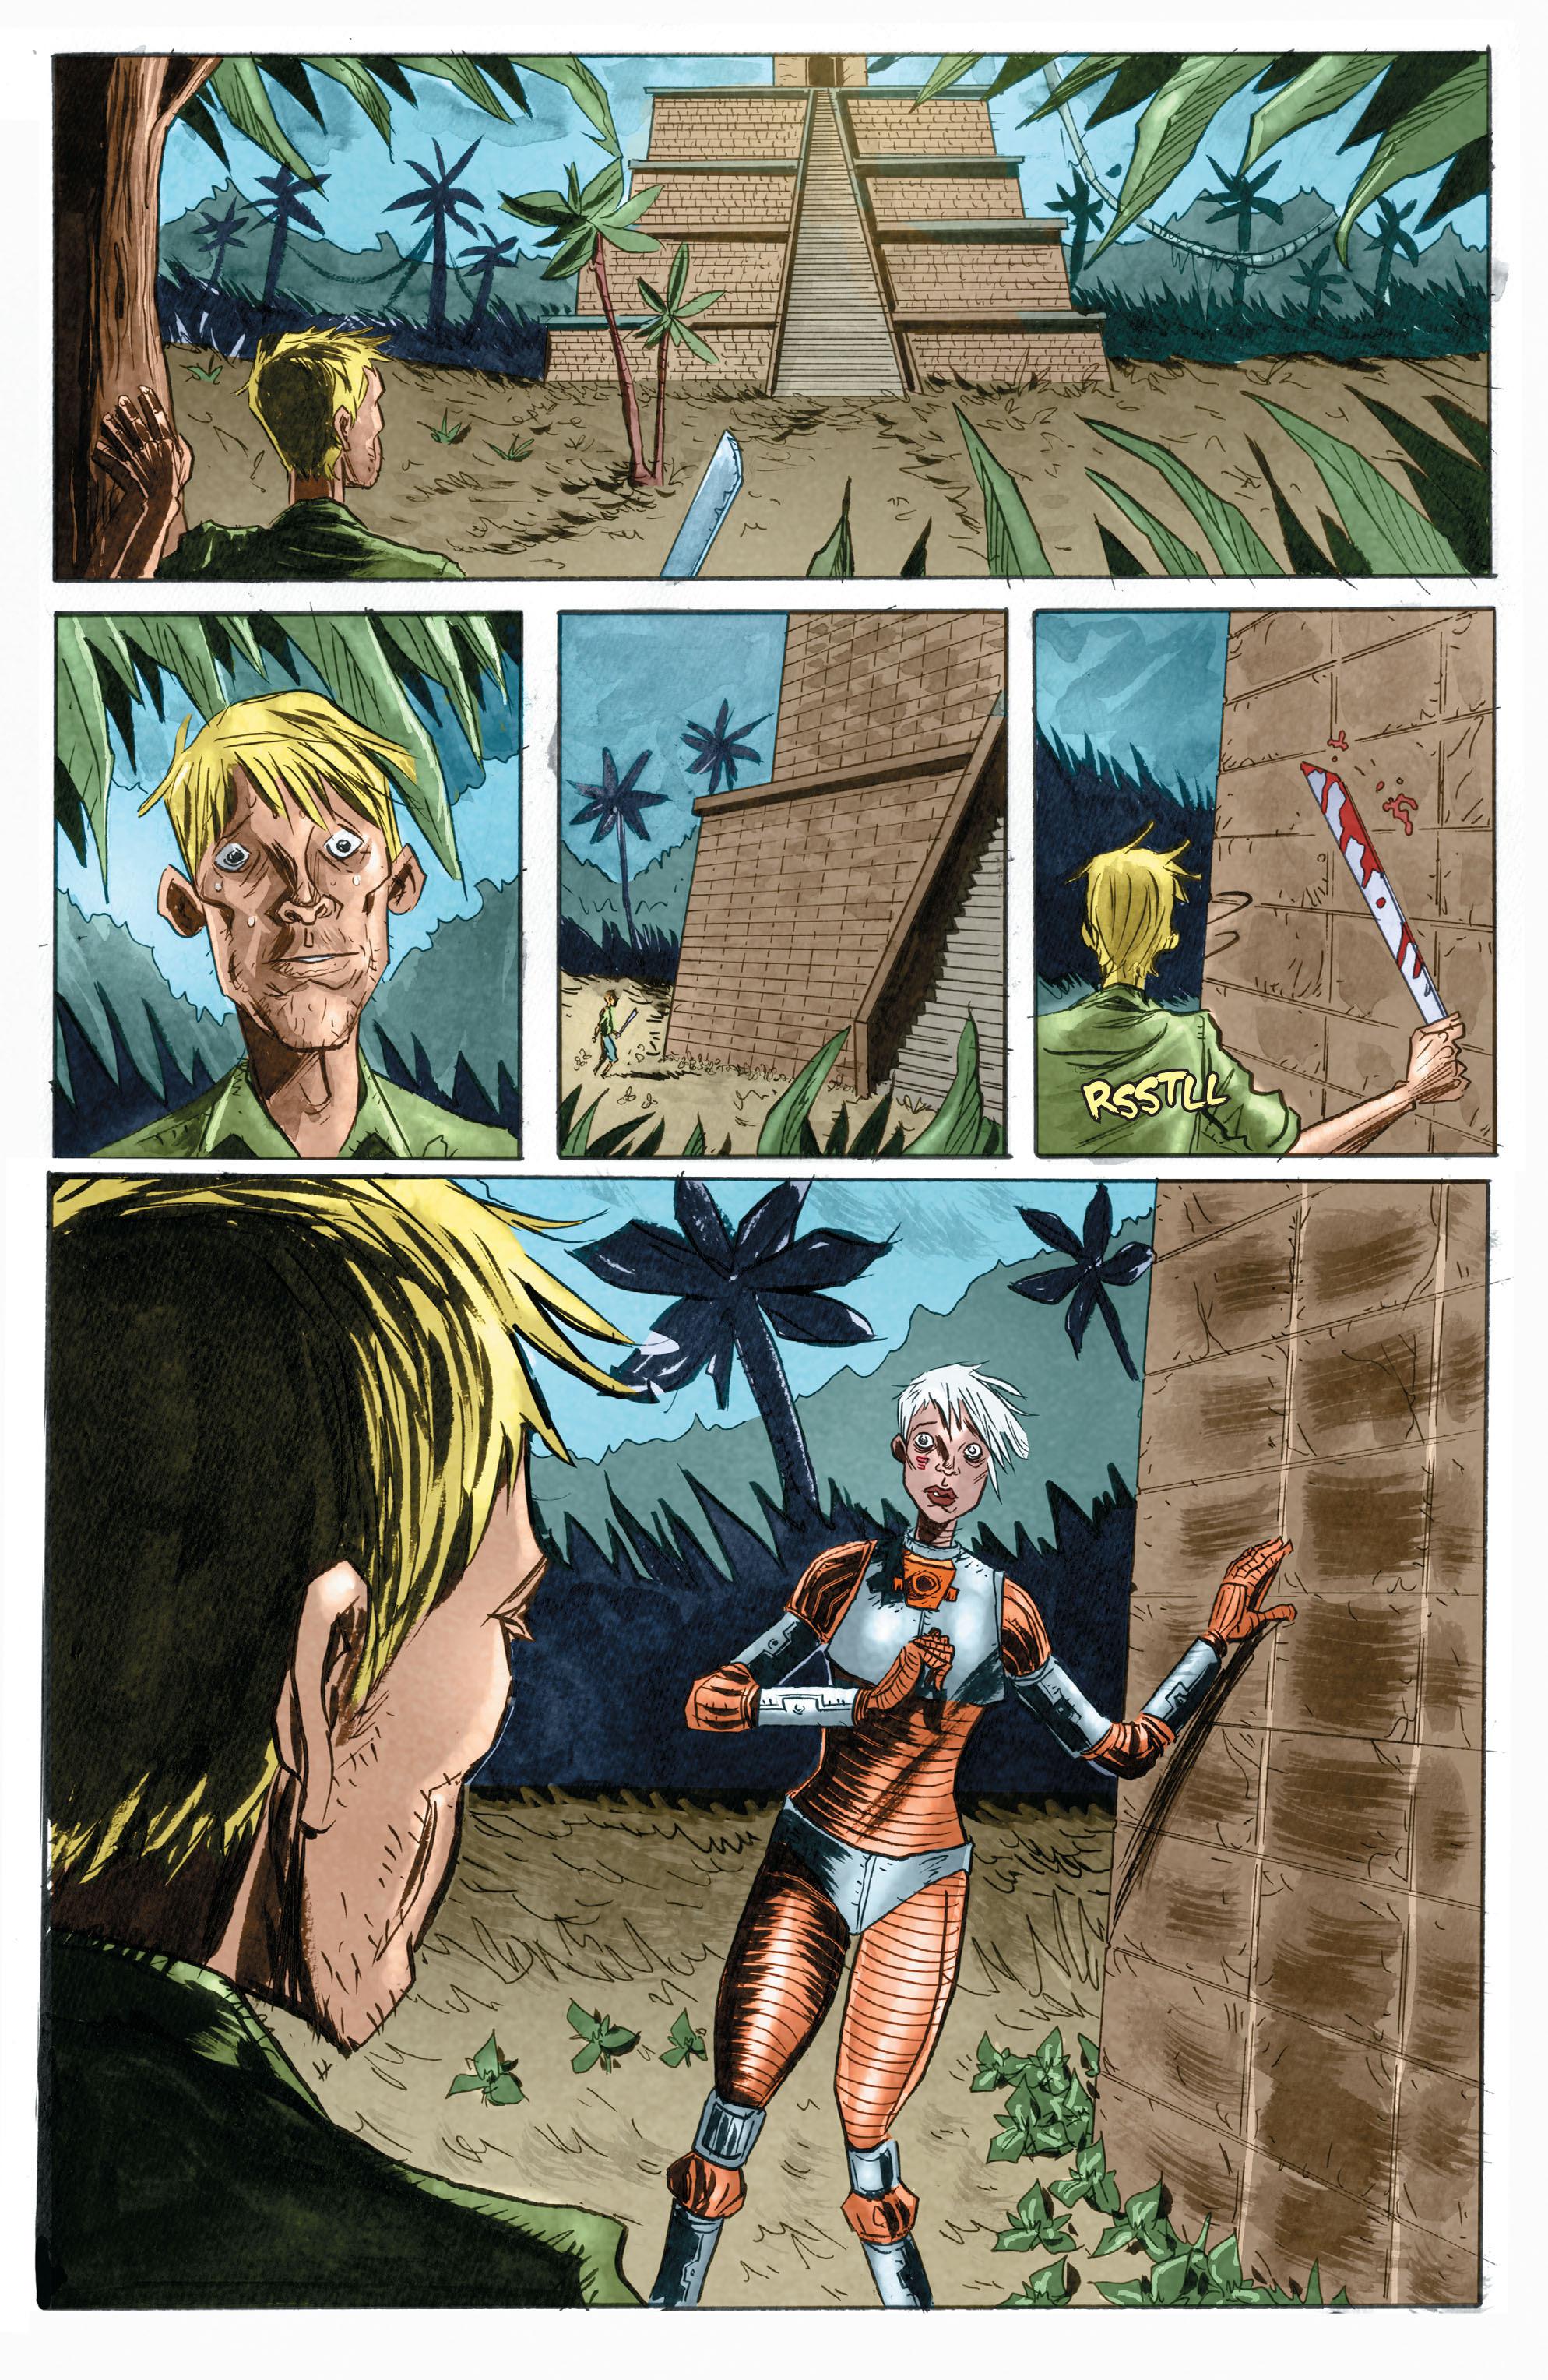 Read online Trillium comic -  Issue # TPB - 34